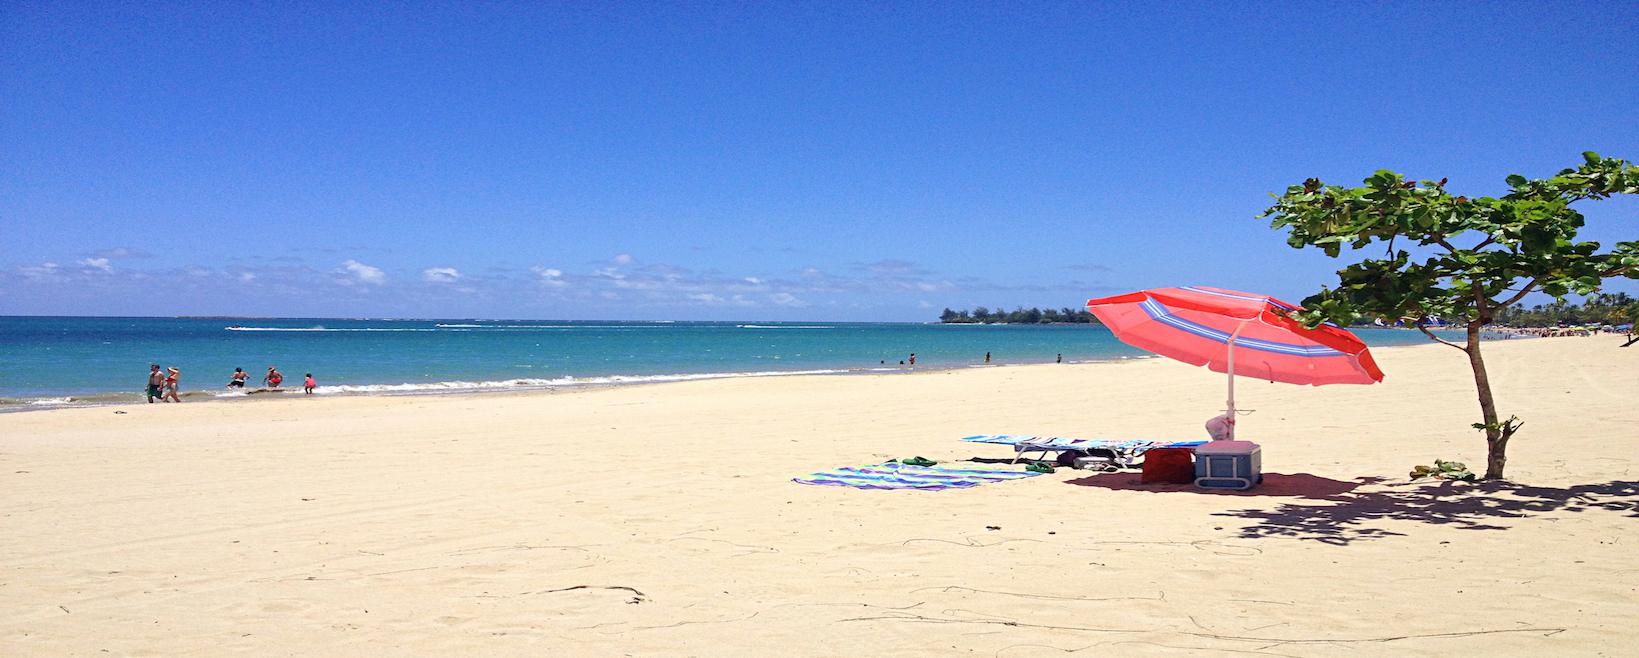 beaches discover puerto rico